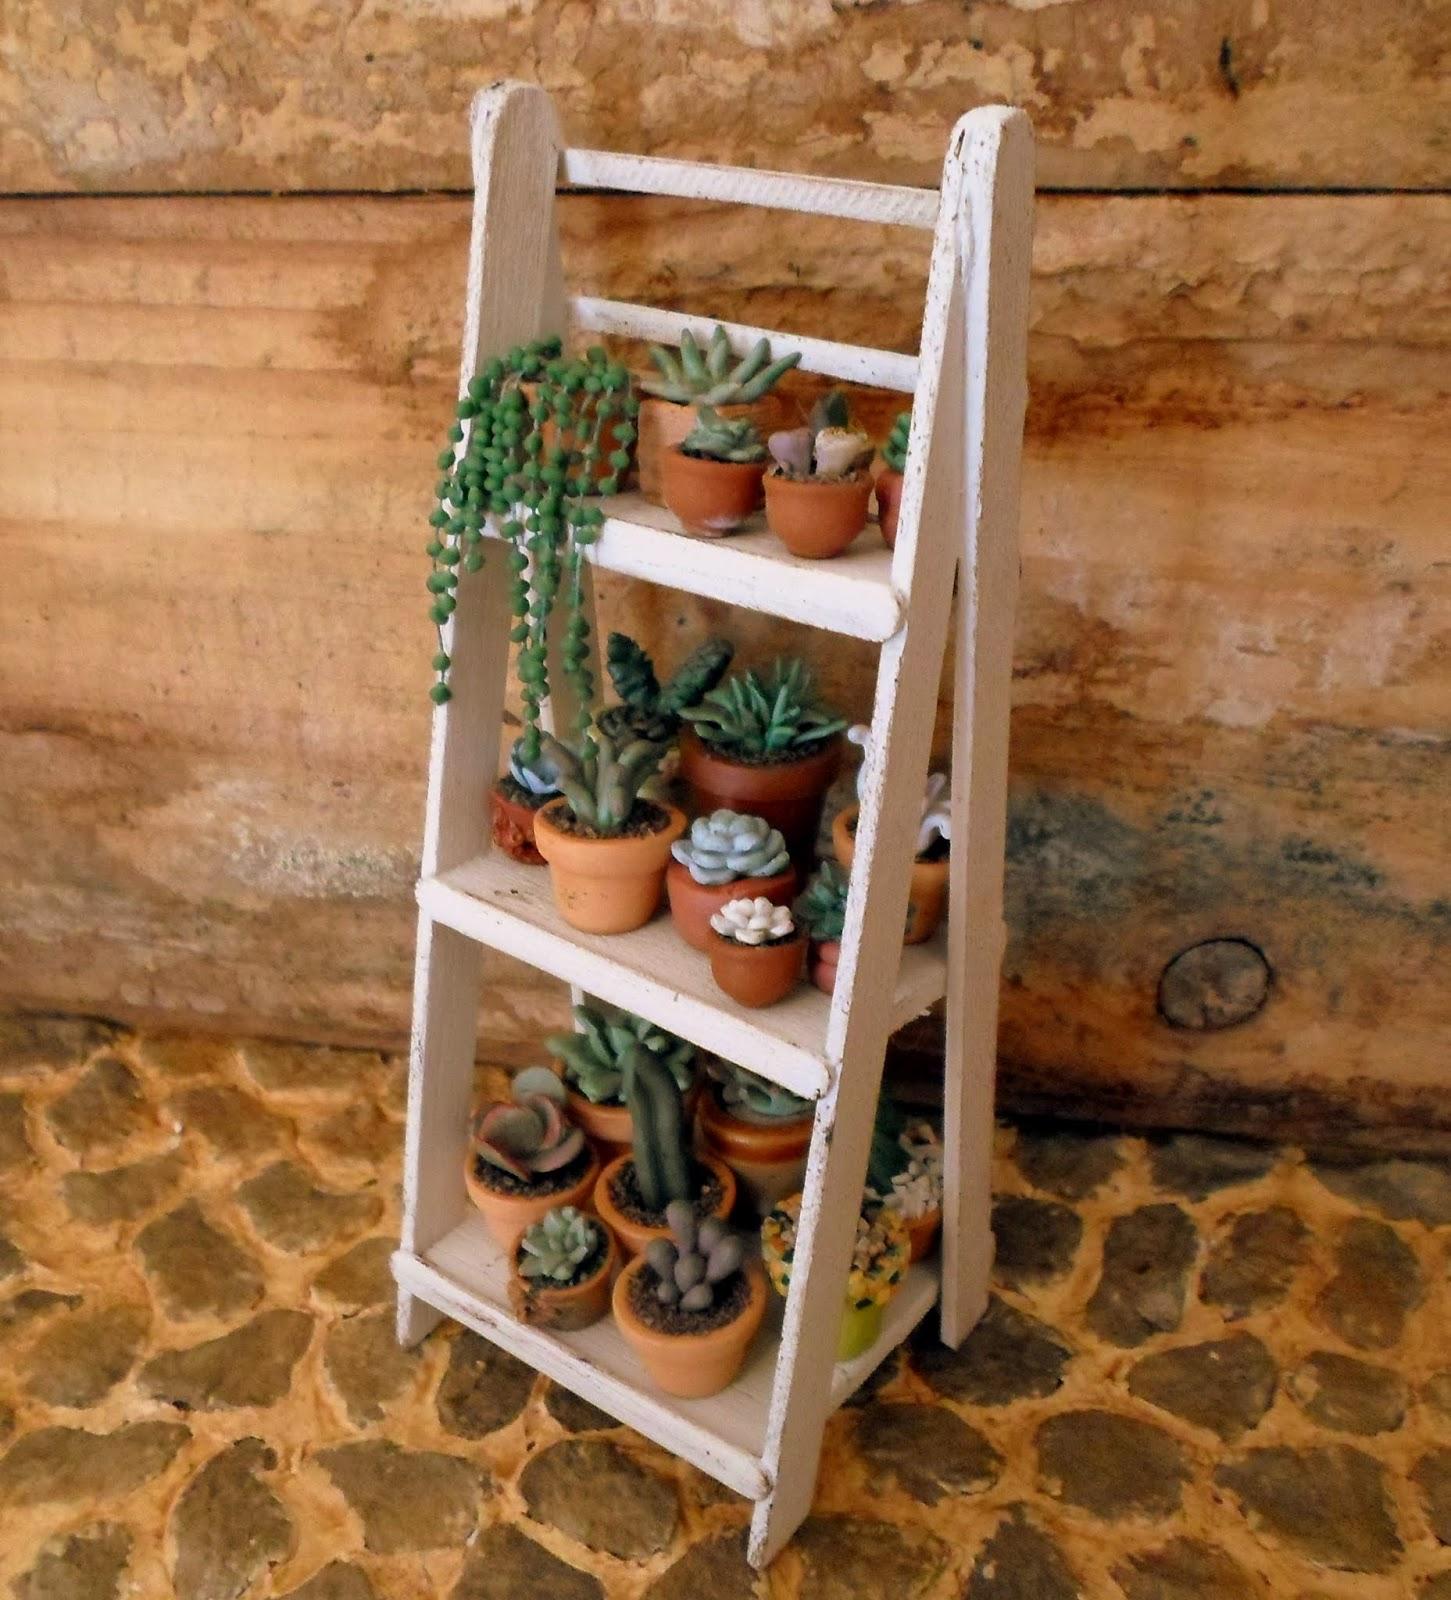 Las margaritas escalera estante de madera para mis - Estanterias para plantas ...